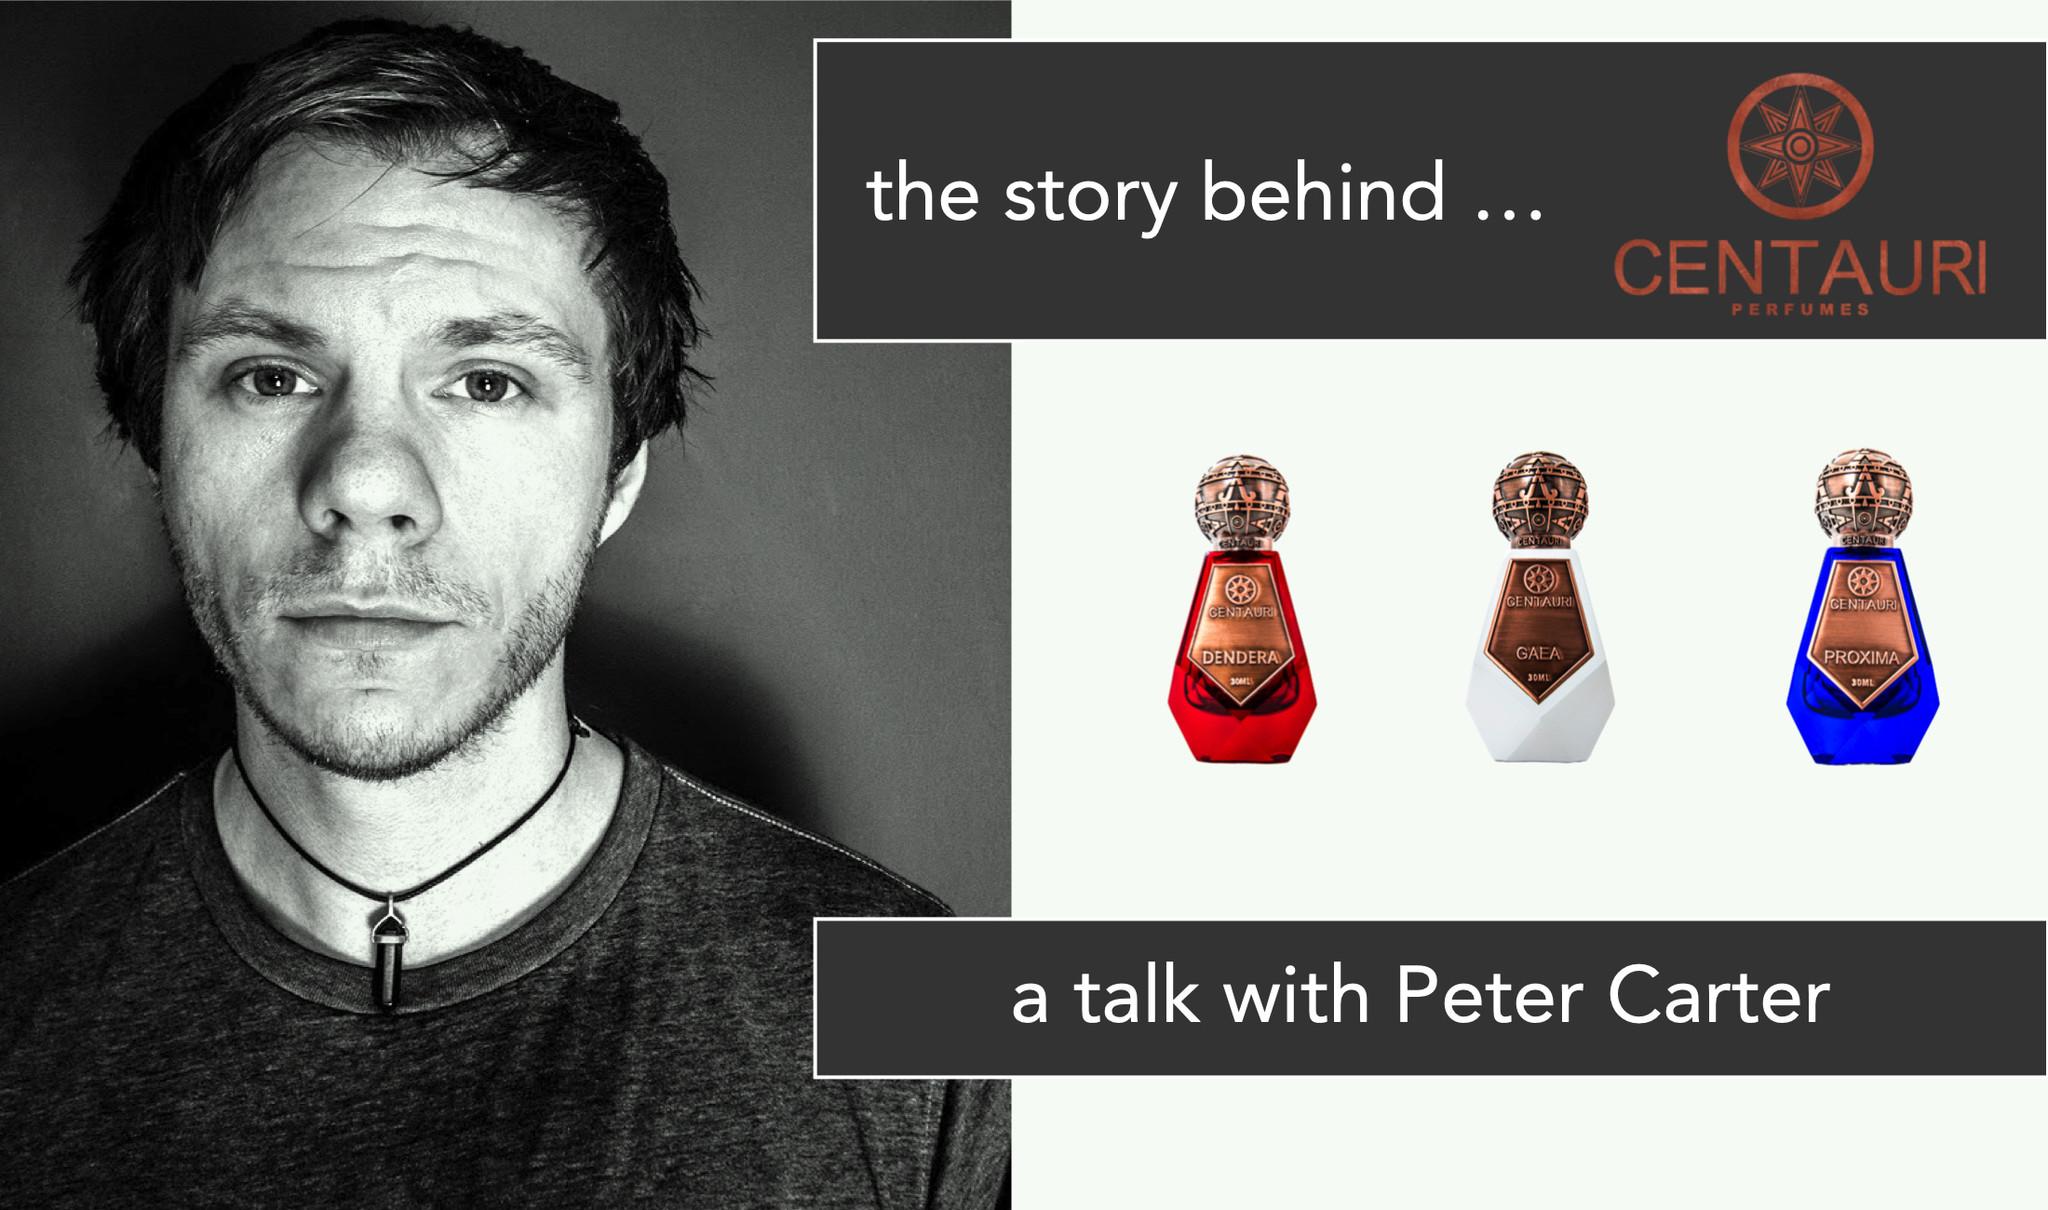 L'histoire derrière ... Centauri